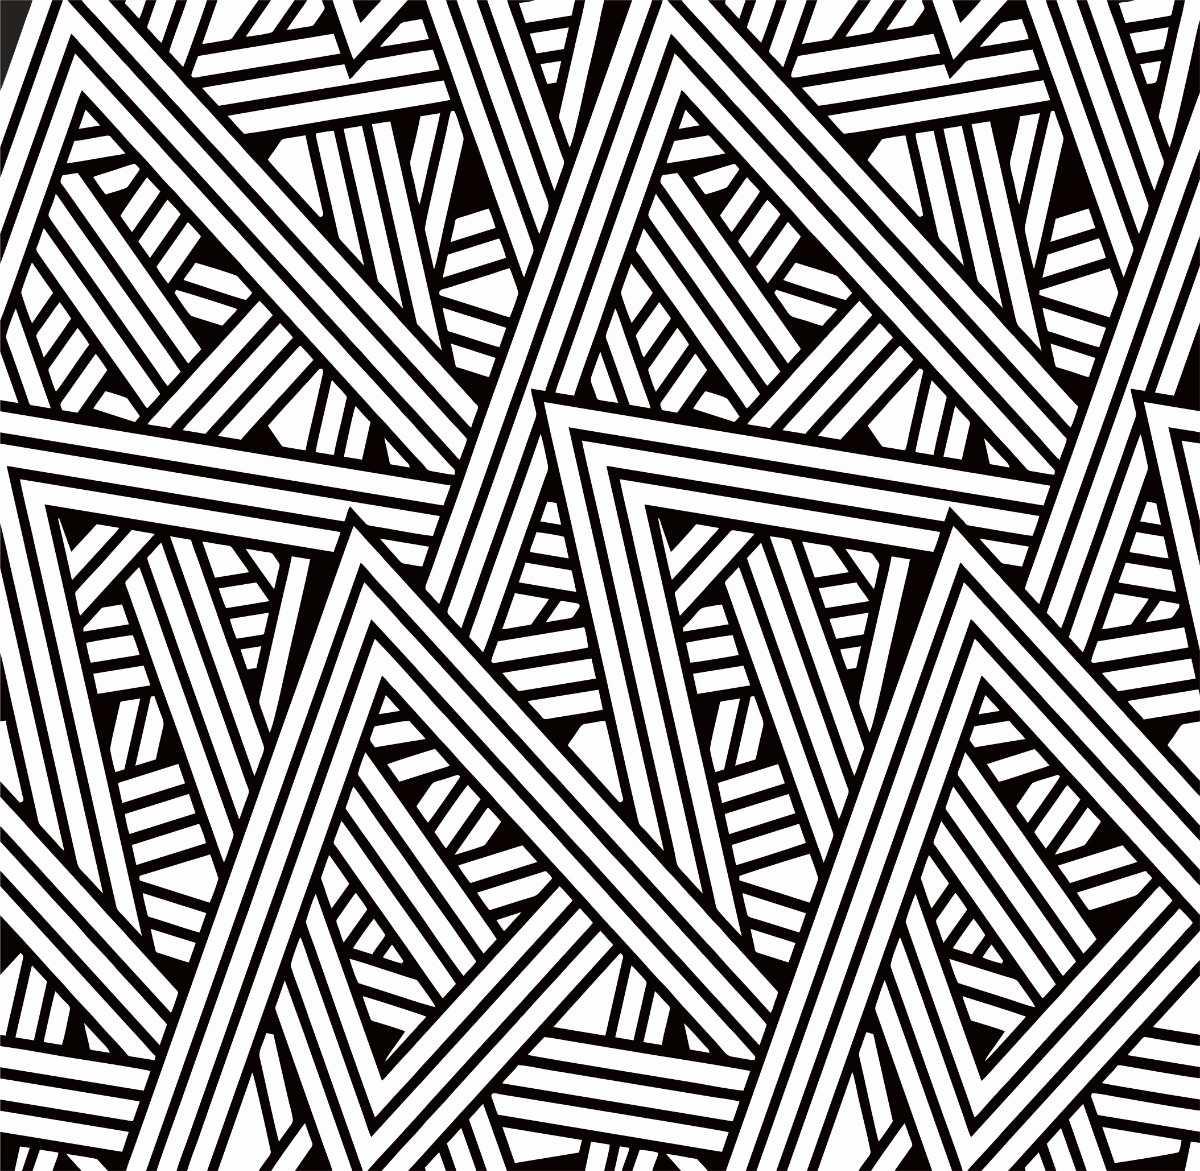 Papel De Parede Listras Abstrato Preto E Branco R 58 99 Em